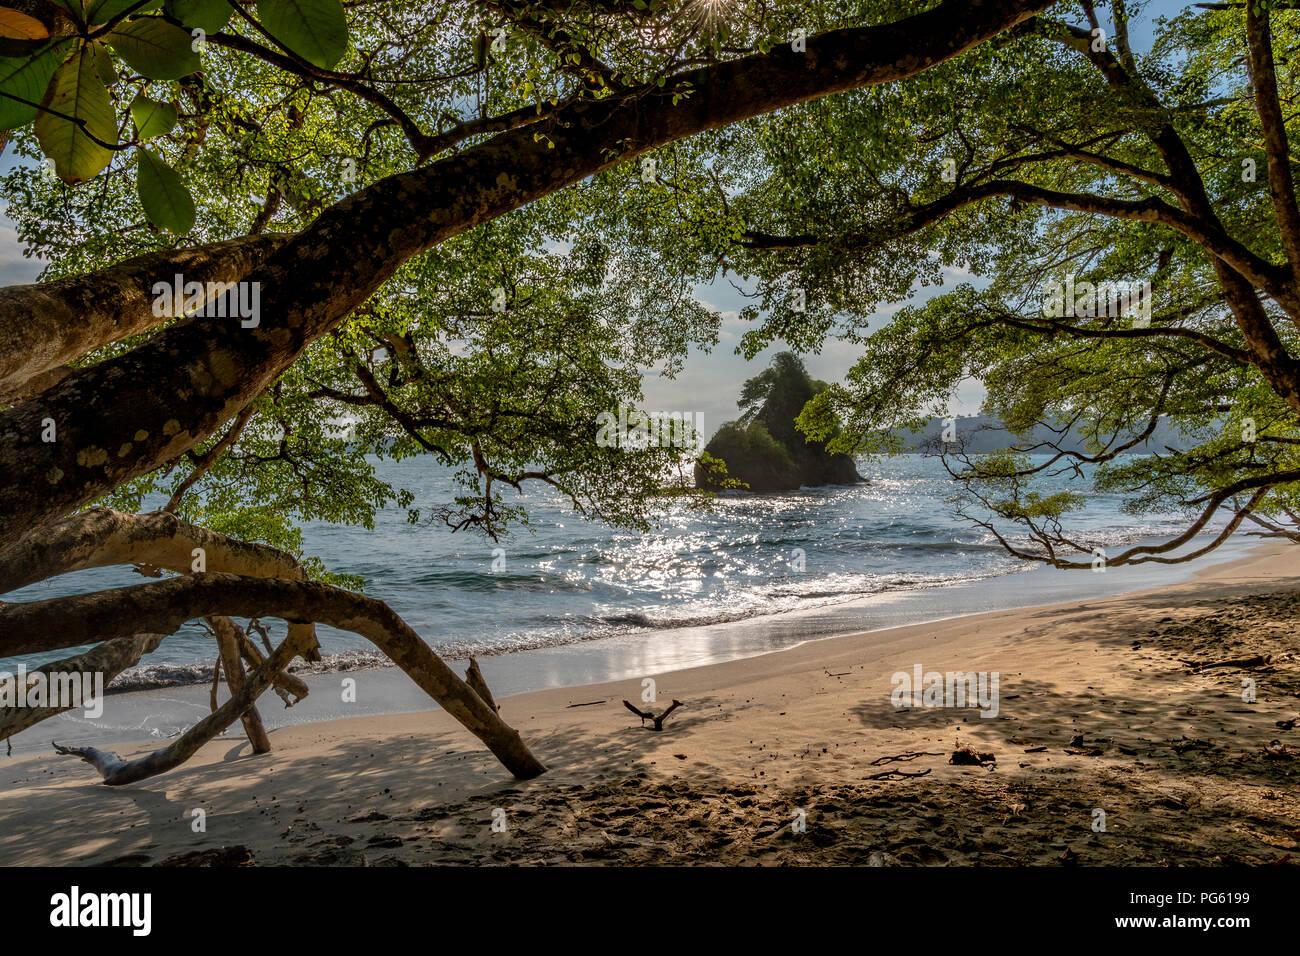 Spiaggia, Parco Nazionale di Corcovado, Osa Peninsula, Costa Rica. Immagini Stock